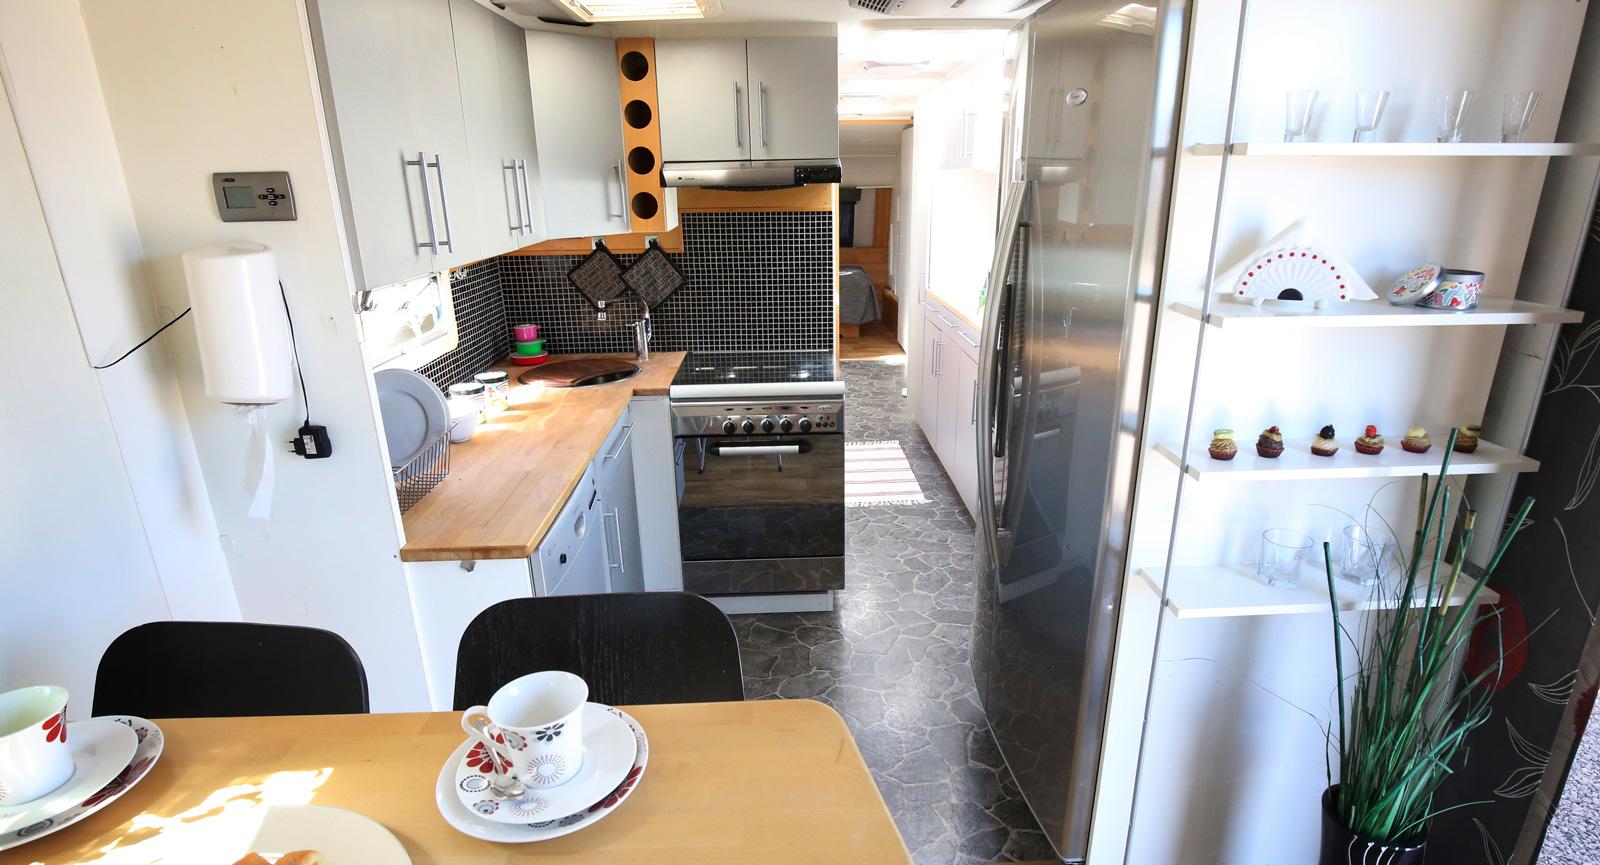 Inredningen andas  Ikea och köket rymmer allt man behöver.